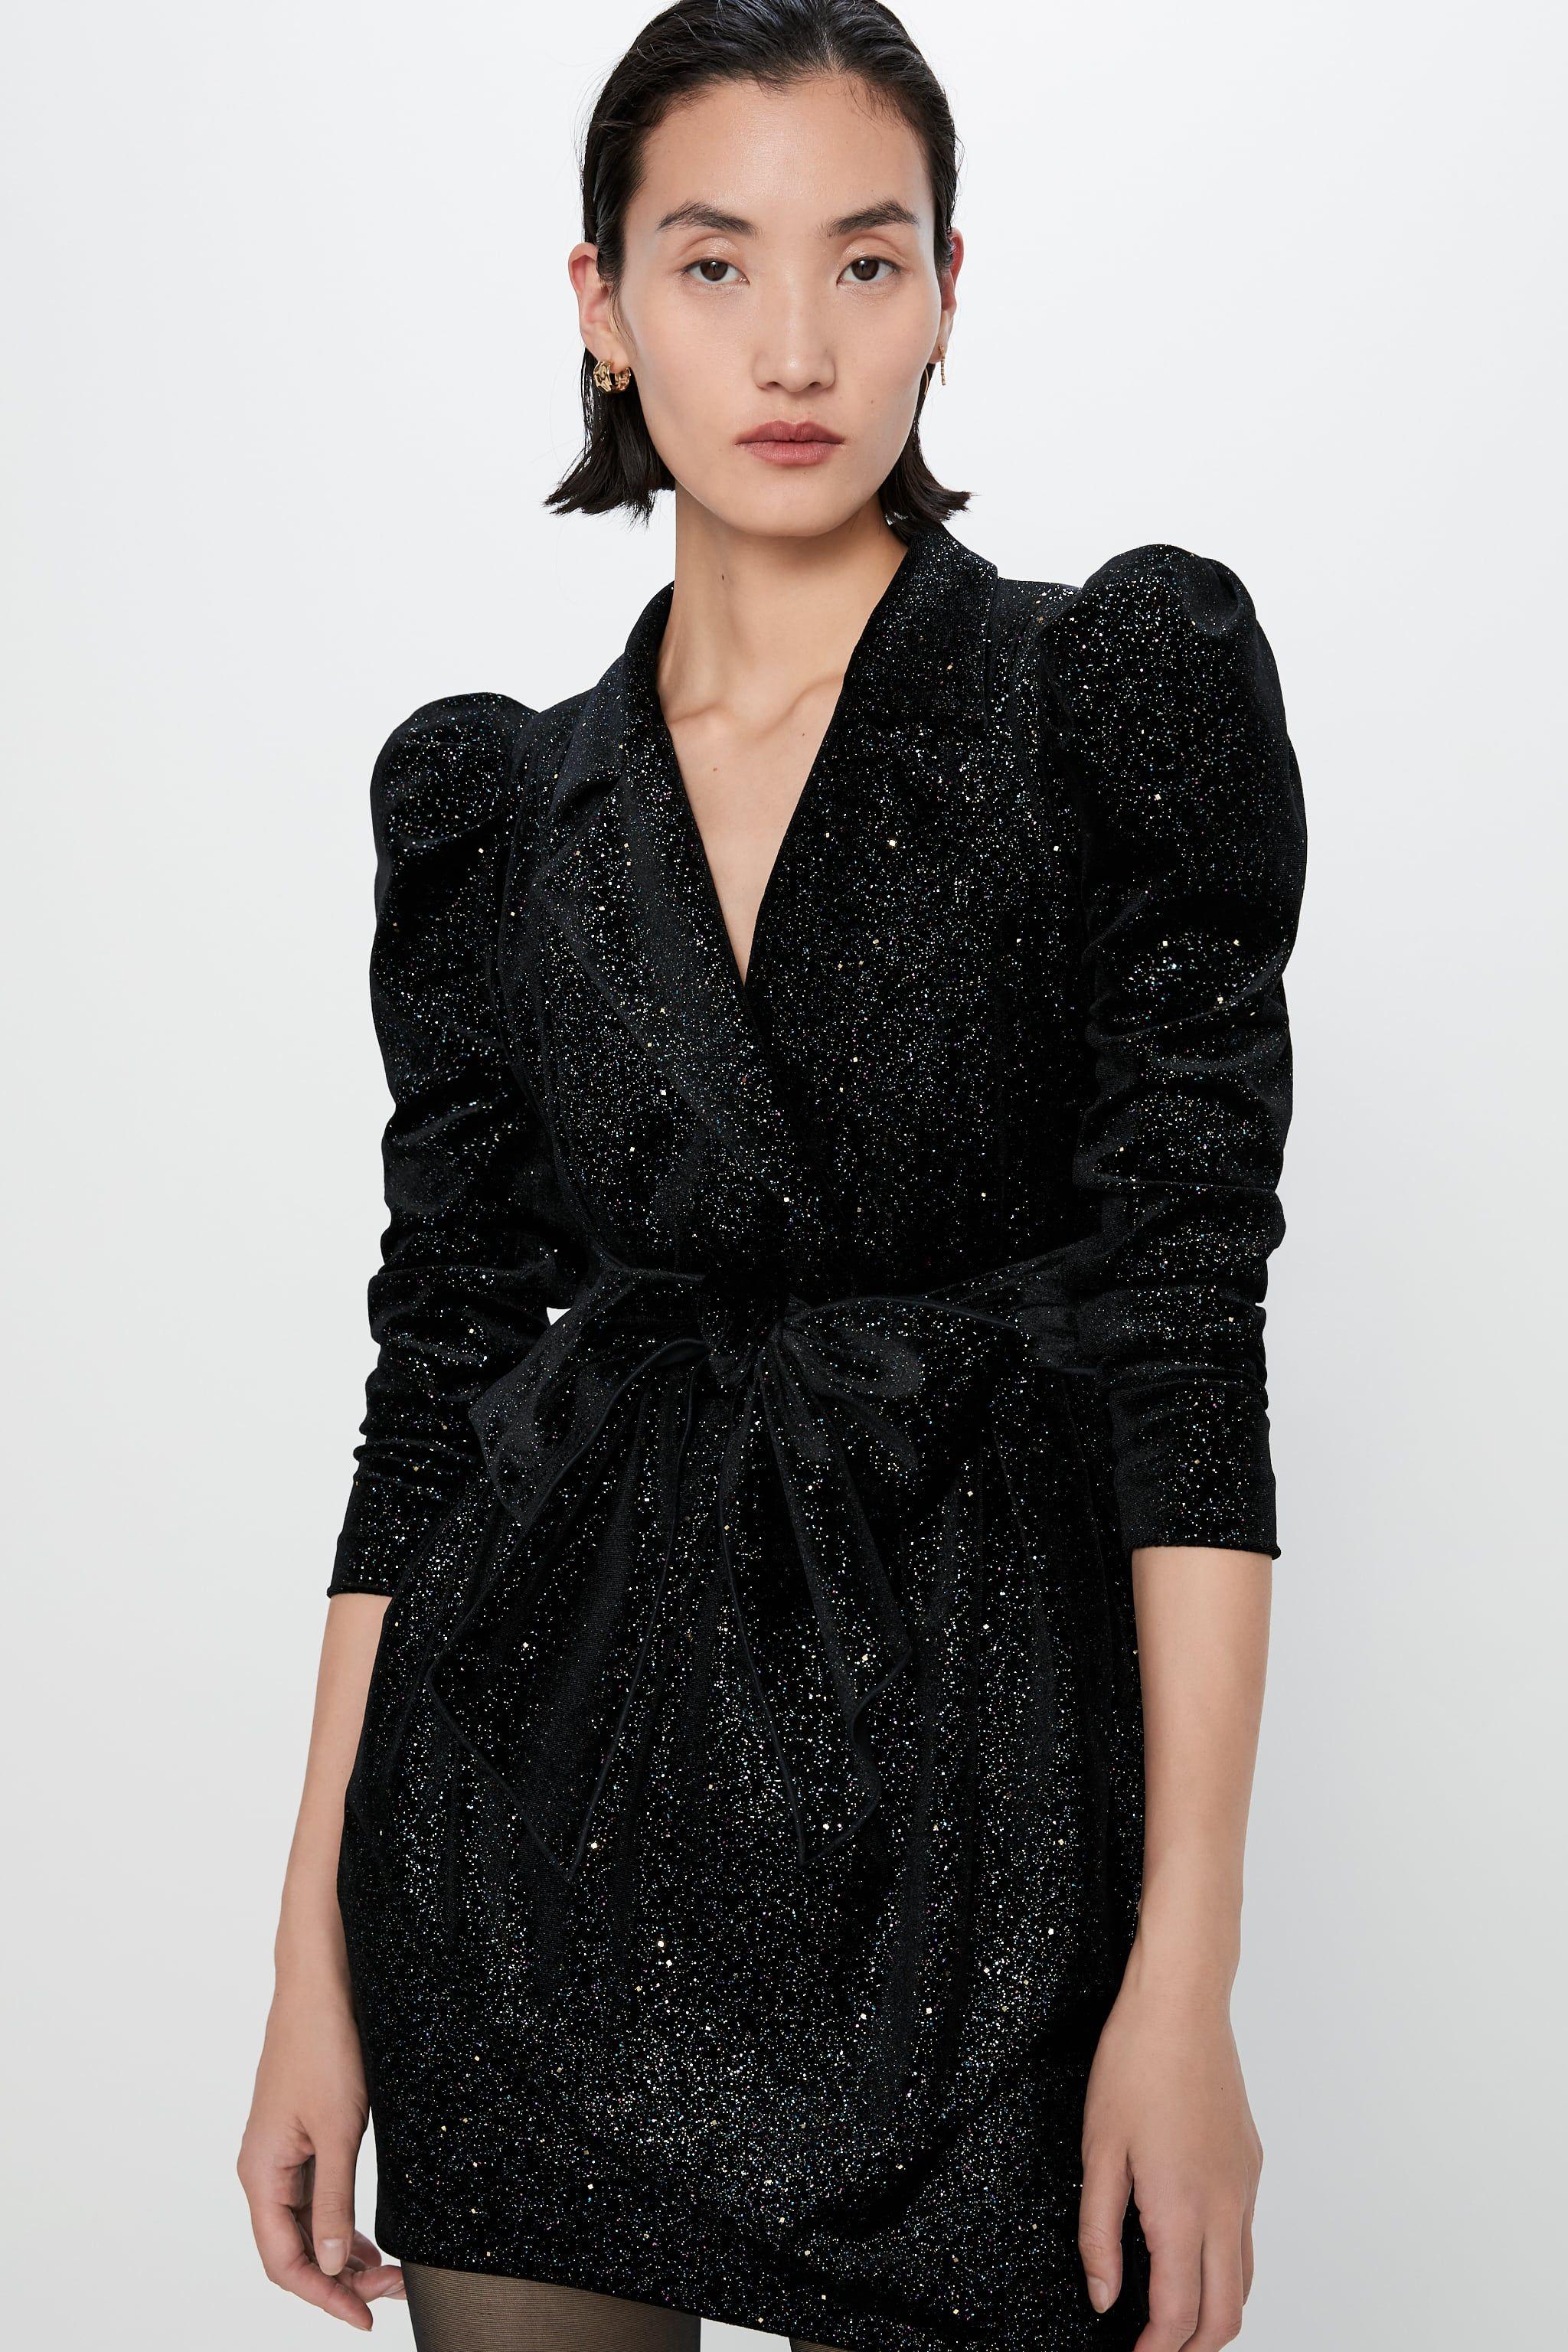 Vestiti inverno 2020, 3 mini di Zara stile alta moda (sotto 40</p>         </div>          <!--eof Product description -->      <!--bof Reviews button and count-->      <div class=